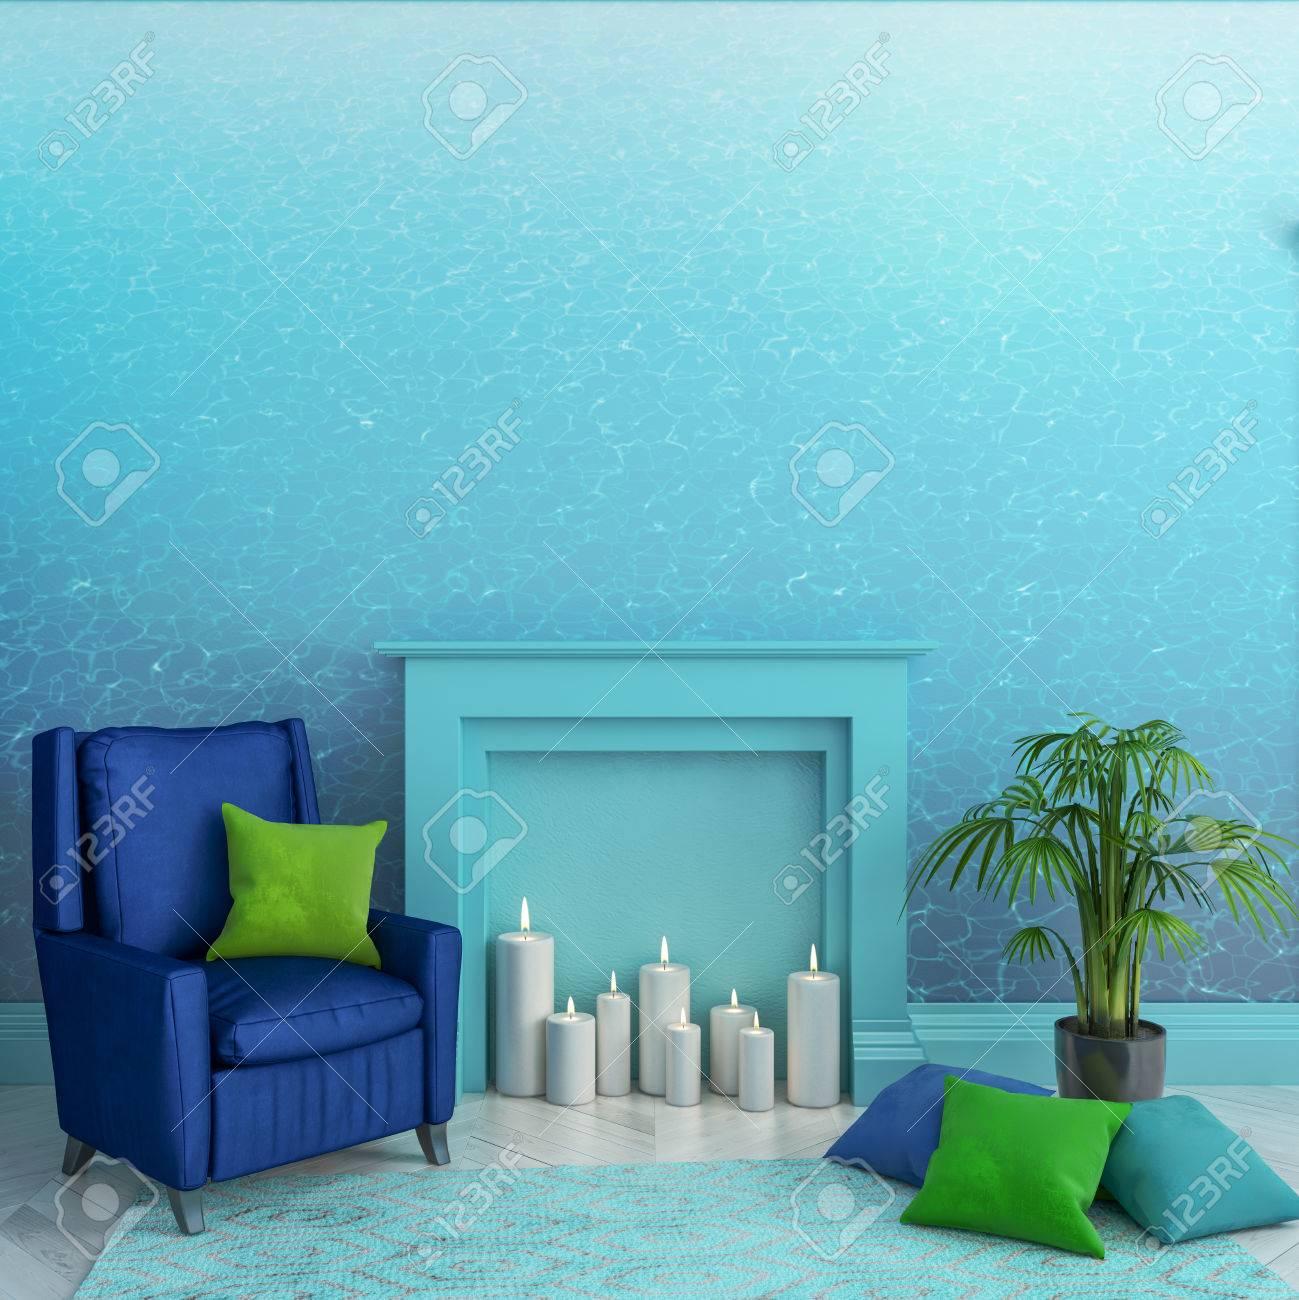 Salle Vide Avec Fond Décran De Texture Deau Bleue Sur Le Mur Cheminée Bougies Fauteuil Oreillers Tapis Et Plante Intérieur Scandinave